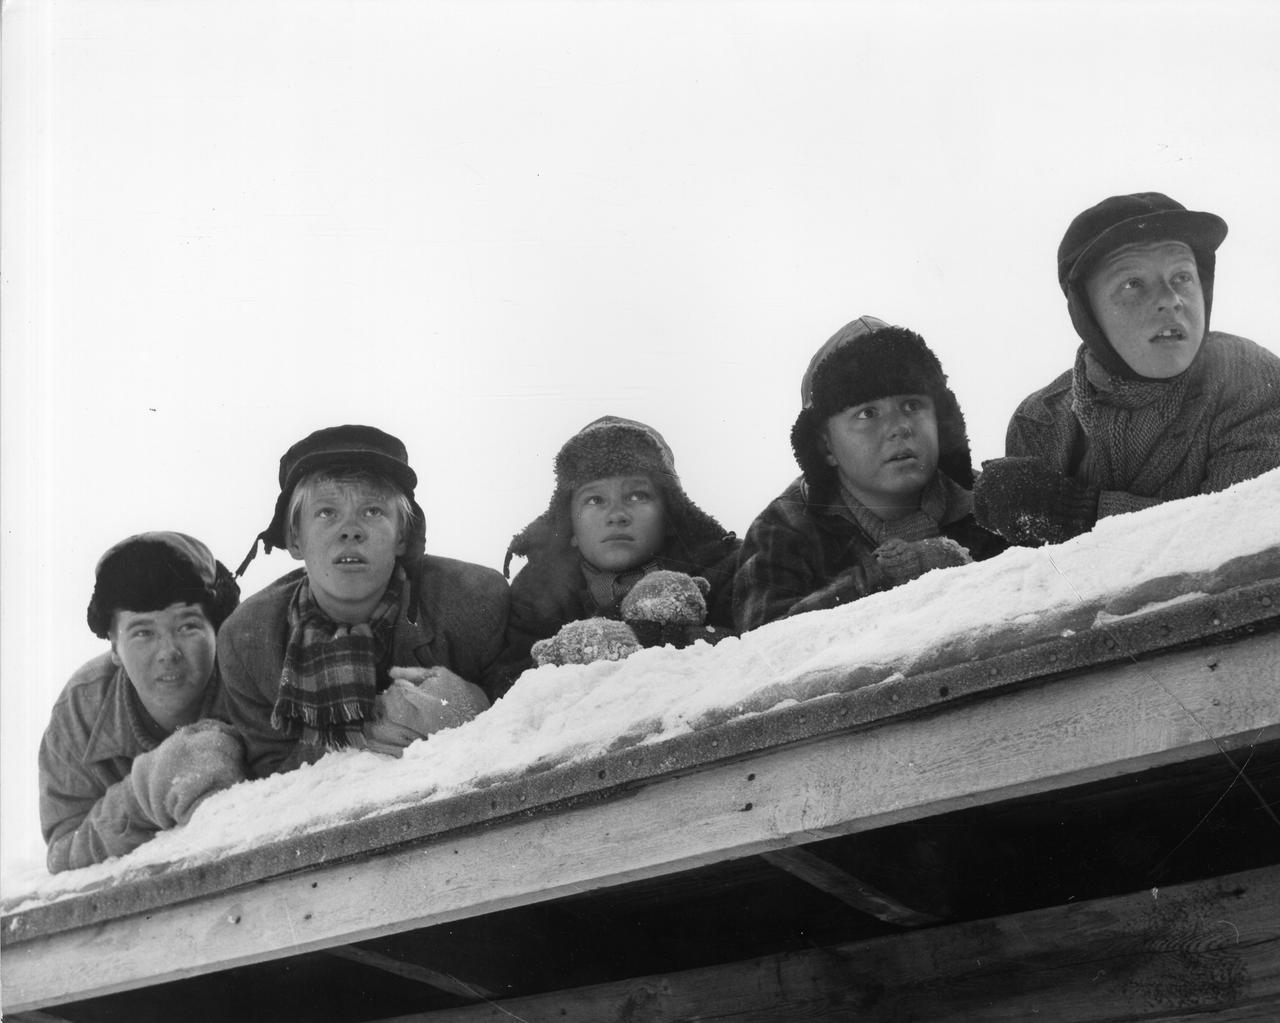 画像: 『少年たち』 Pojat/The Boys 監督:ミッコ・ニスカネン 出演:ペンッティ・タルキアイネン、ヴェサ・マッティ・ロイリ